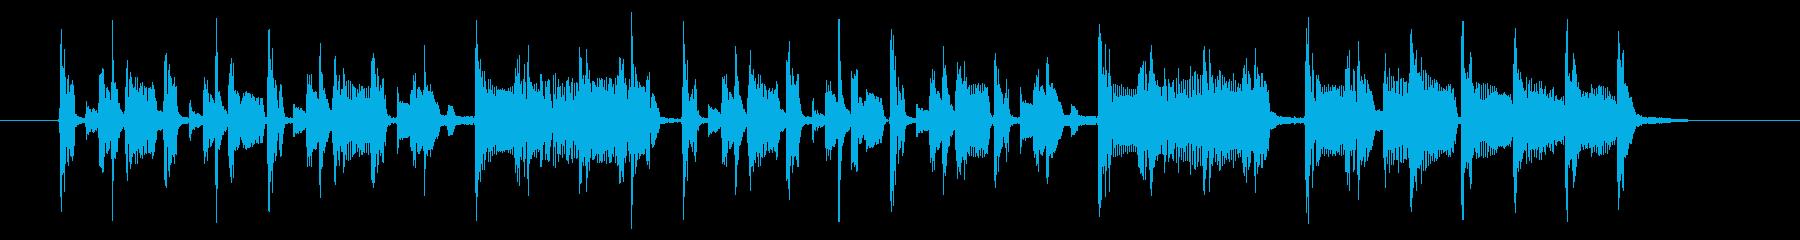 楽しげでリズミカルなシンセサウンド短めの再生済みの波形